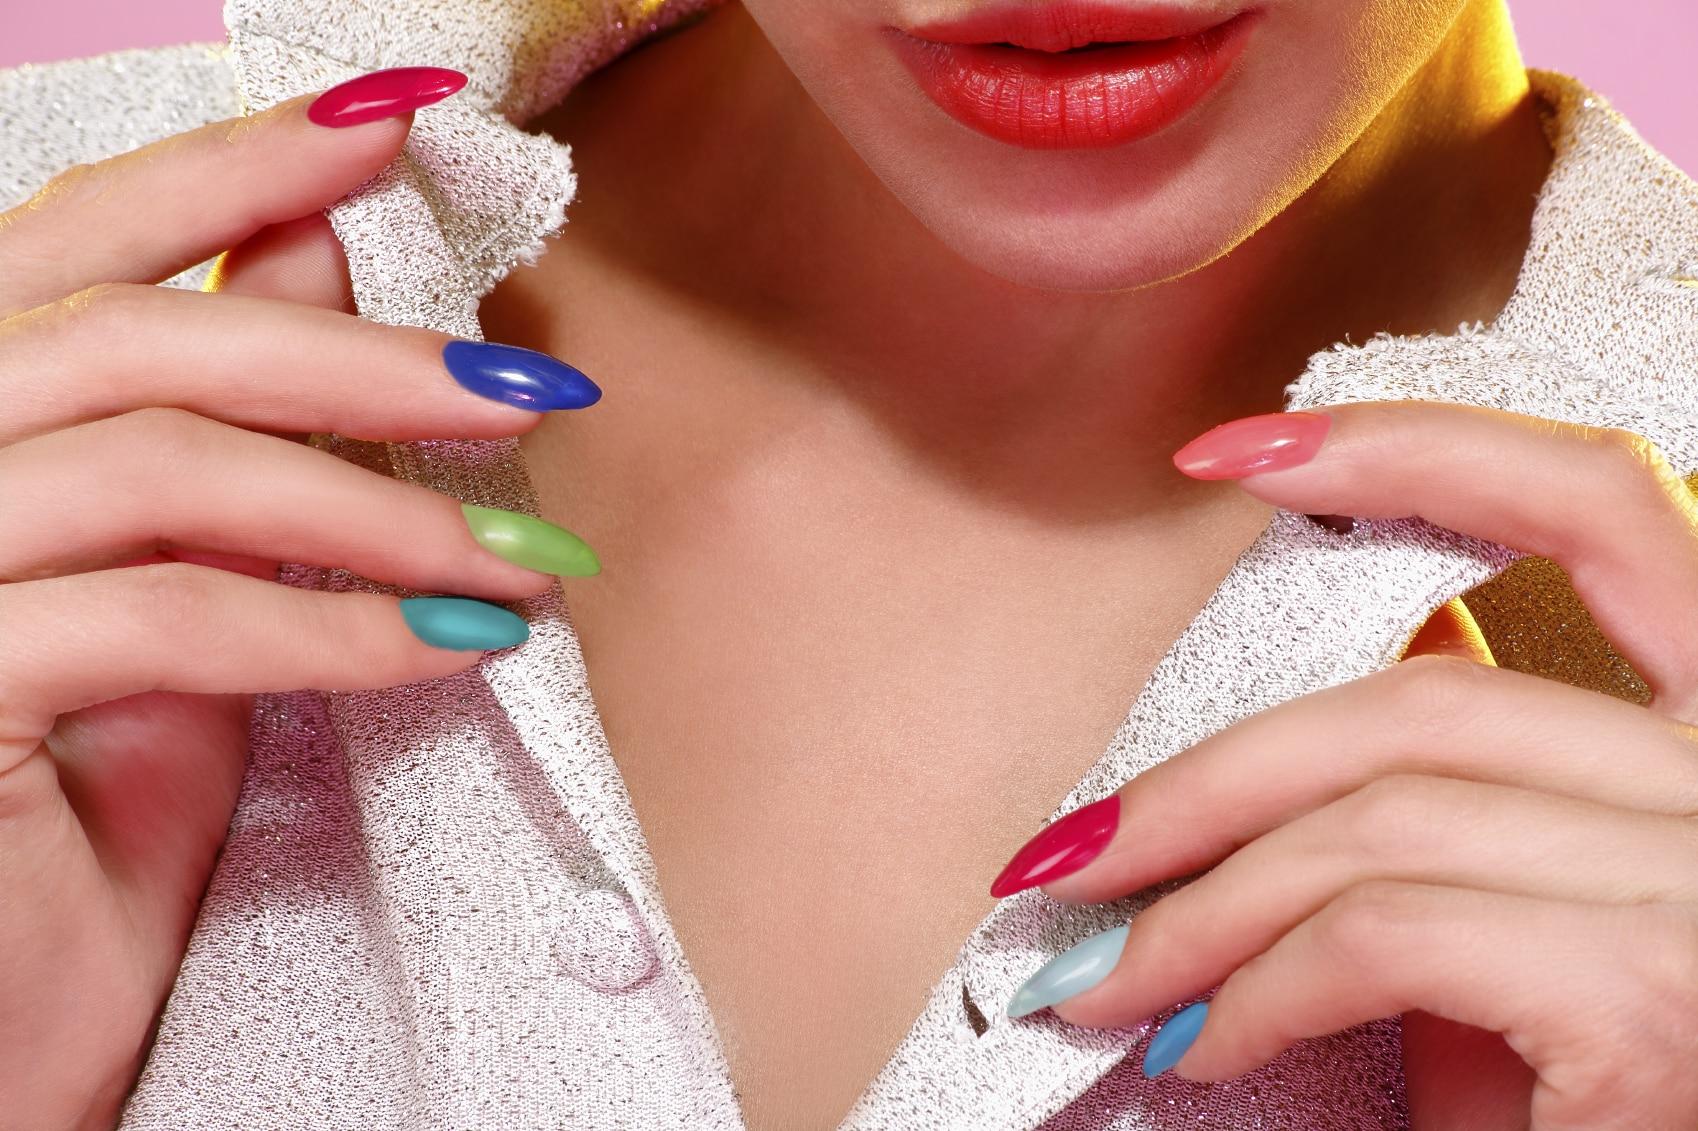 Wonderlijk 8 tips voor het lakken van nagels - Wellness Academie XQ-05